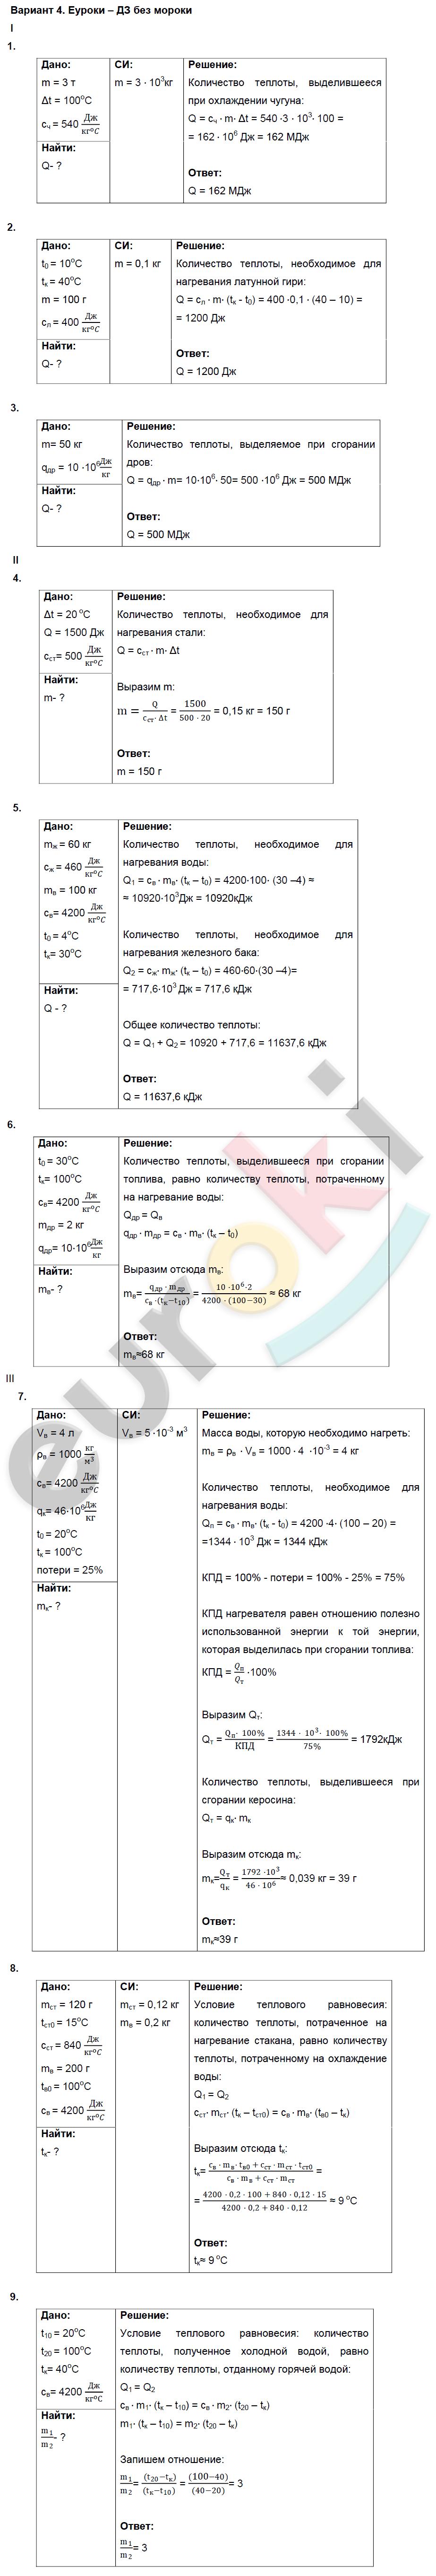 ГДЗ по физике 8 класс дидактические материалы Марон, Перышкин Контрольные работы, КР-1. Расчет количества теплоты. Задание: Вариант 4